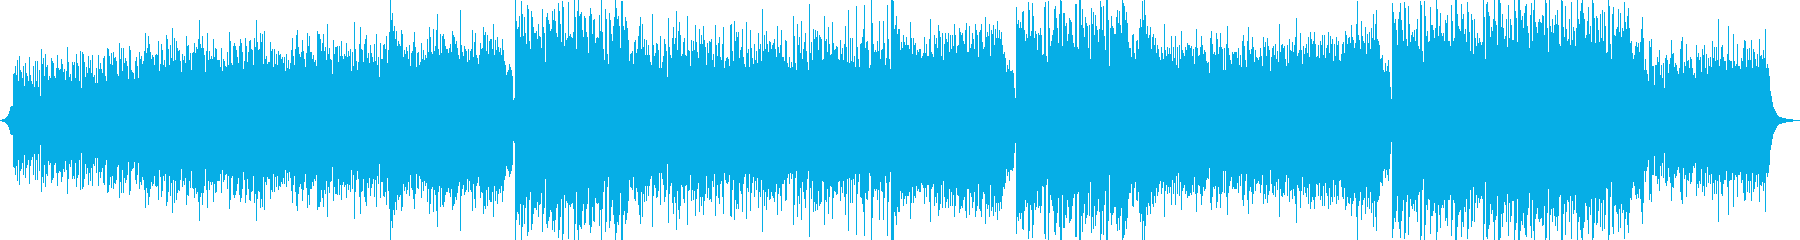 切ない・感動的・エンディング・EDMの再生済みの波形